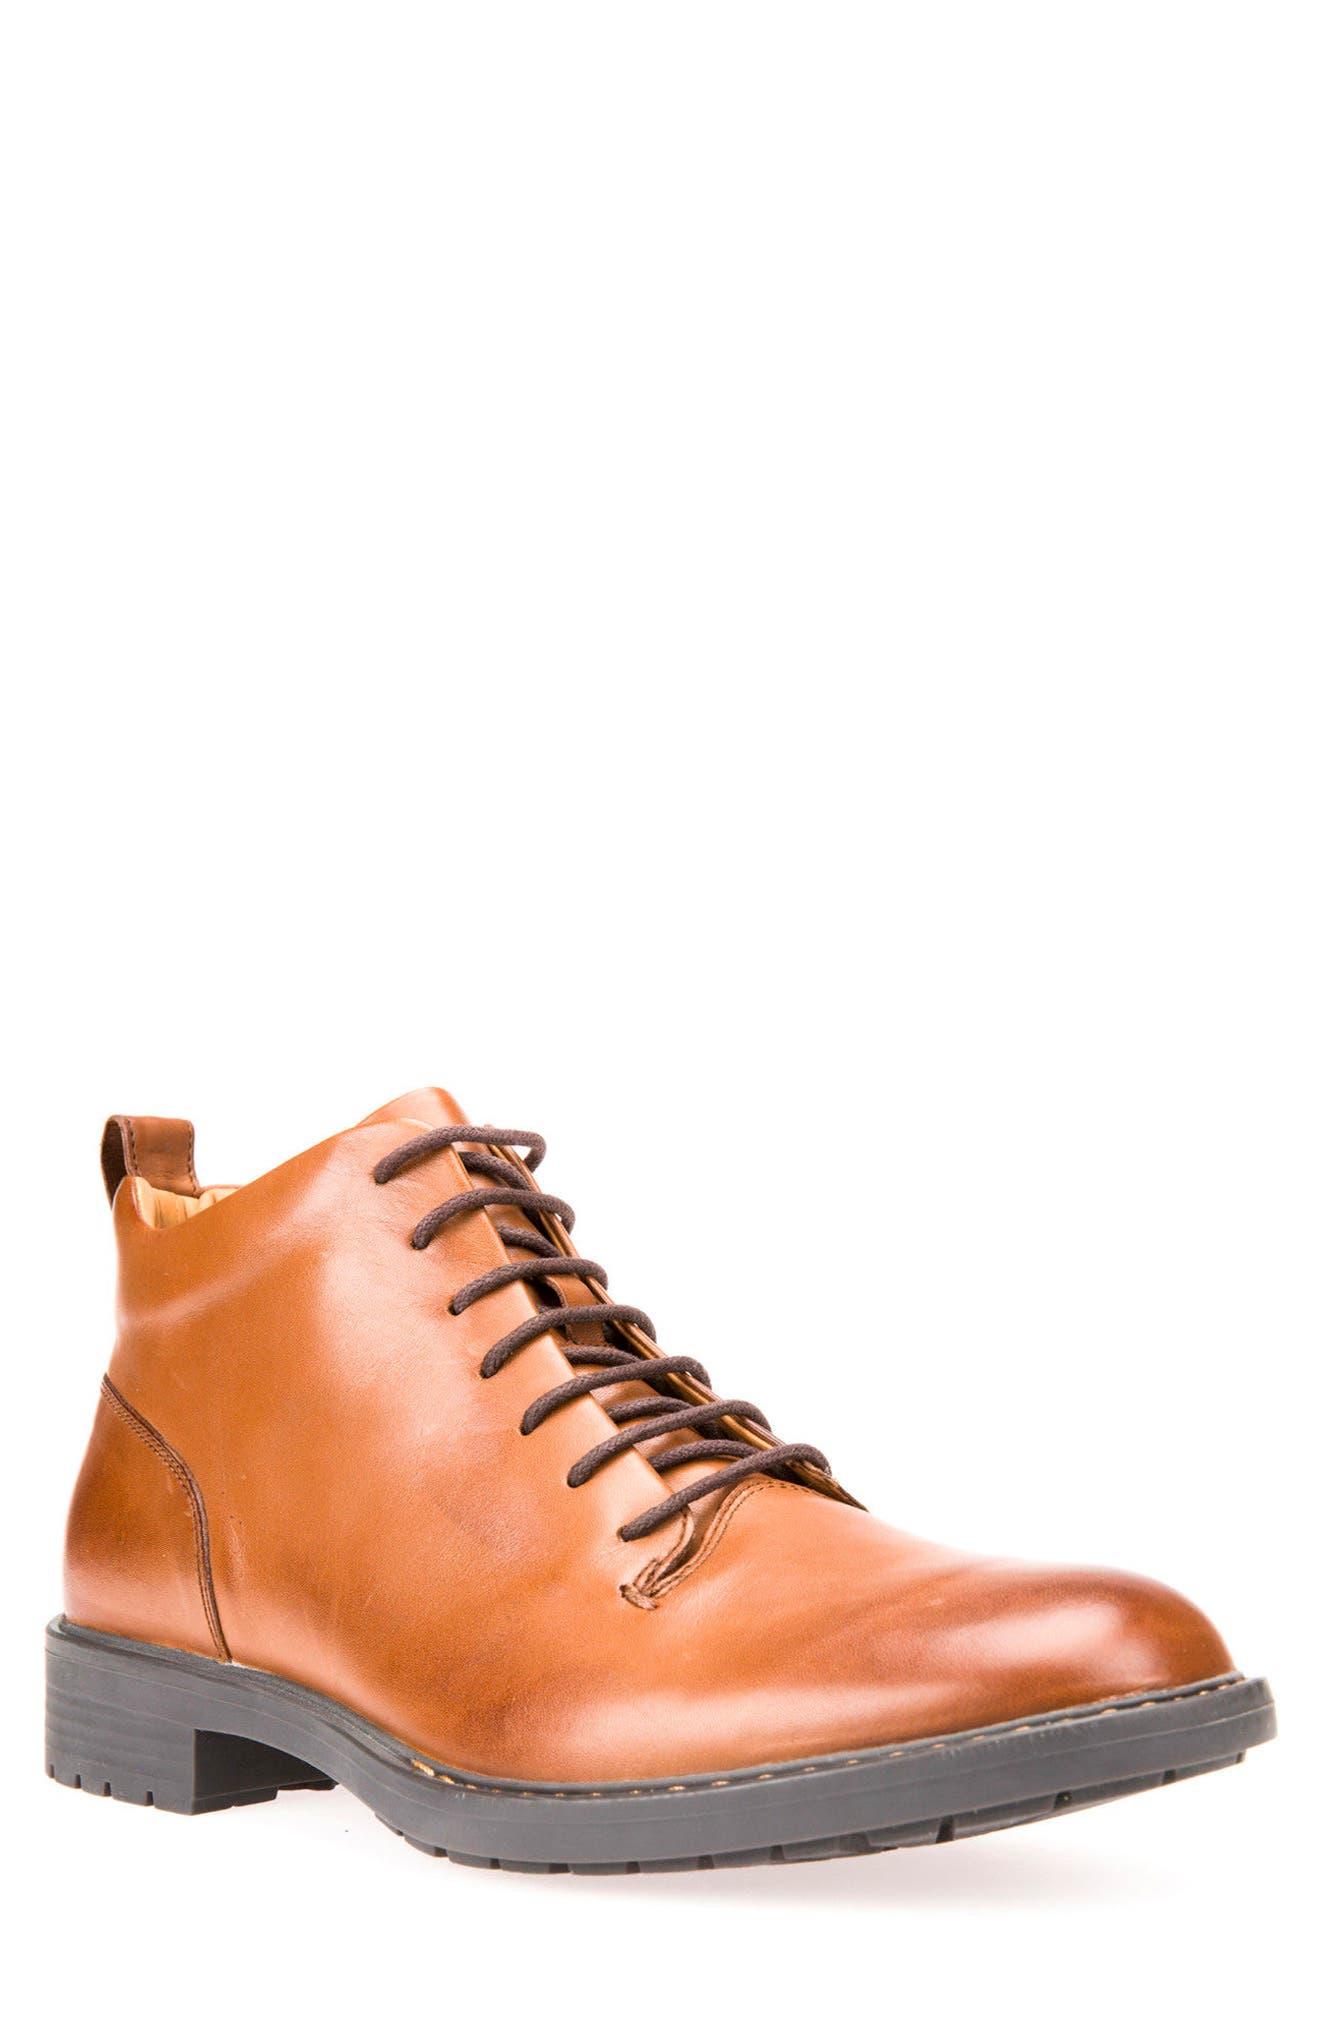 Main Image - Geox Kapsian Plain Toe Boot (Men)